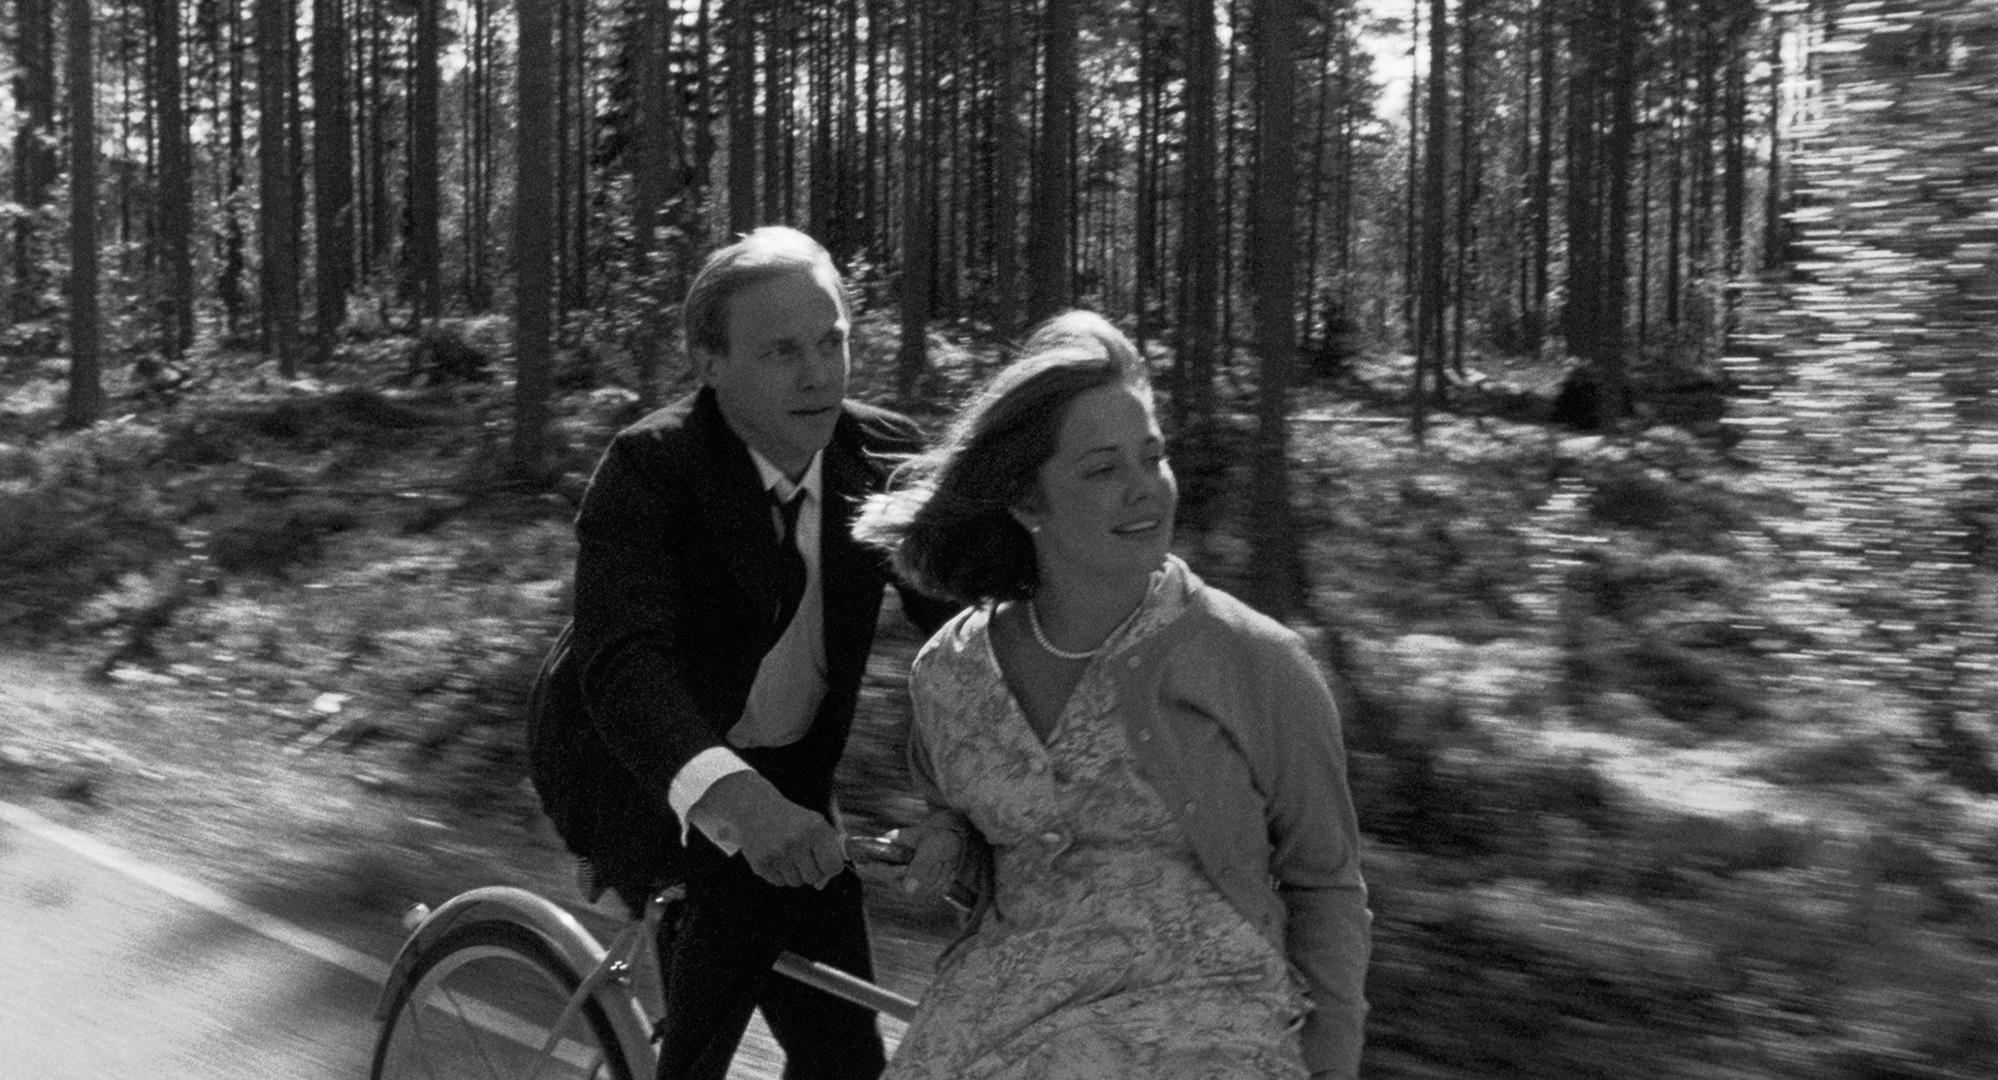 Nejšťastnější den v životě Olliho Mäkiho